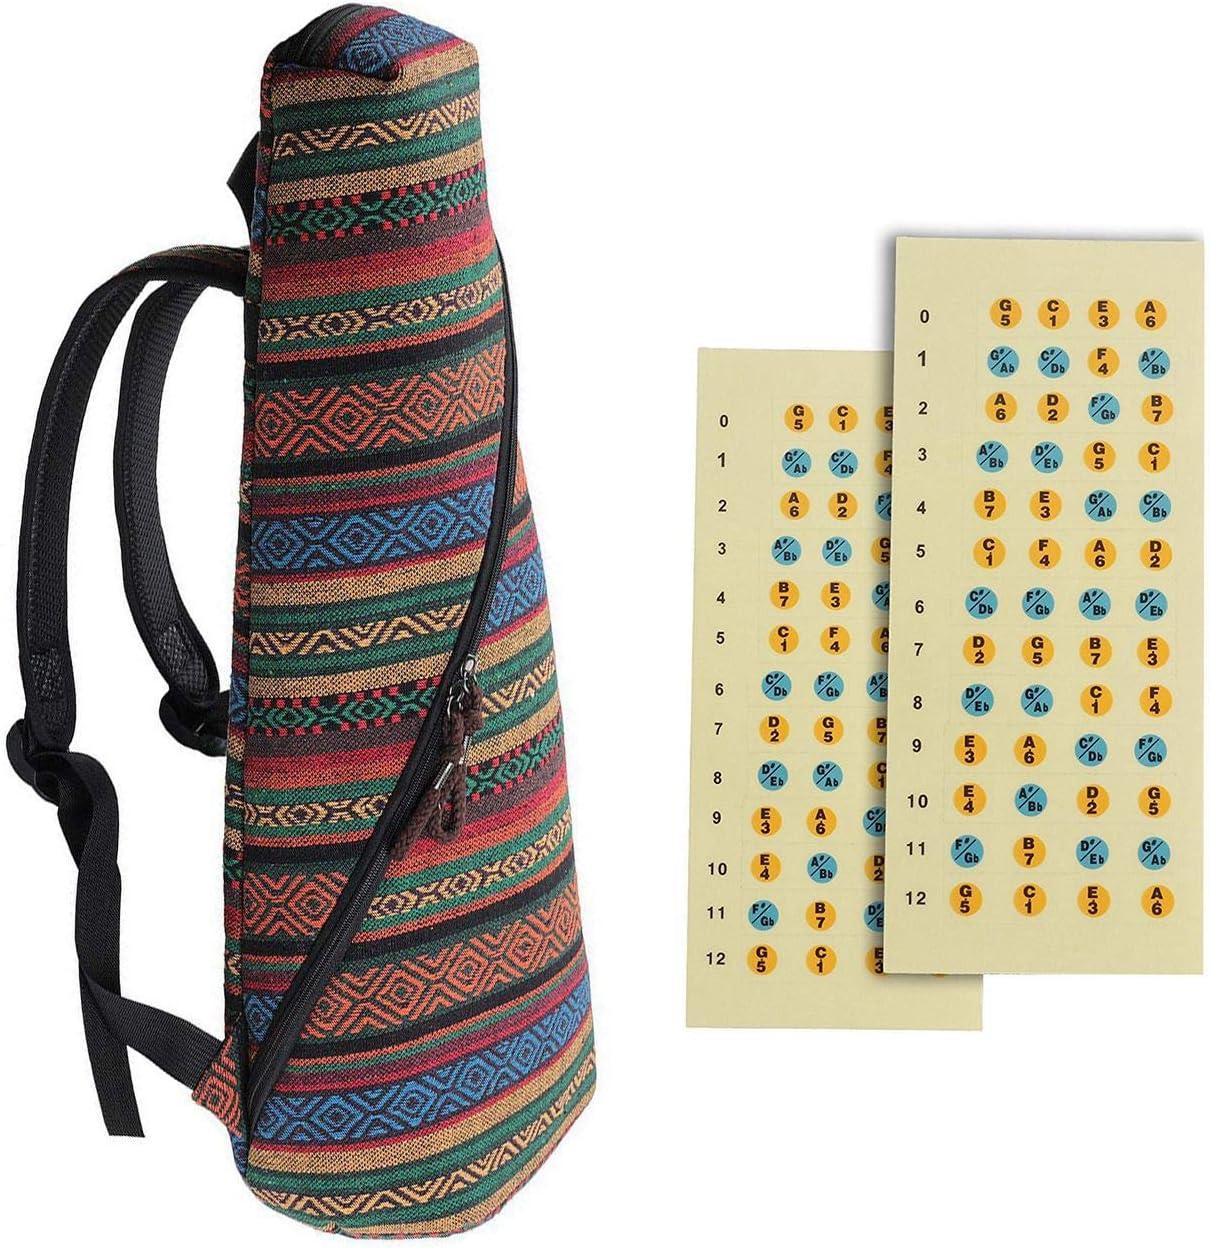 Bobotron 1 funda para ukelele tenor de 26 pulgadas, 10 mm acolchado de esponja (Tenor) y 2 calcomanías para ukelelele para el diapasón, para principiantes: Amazon.es: Instrumentos musicales